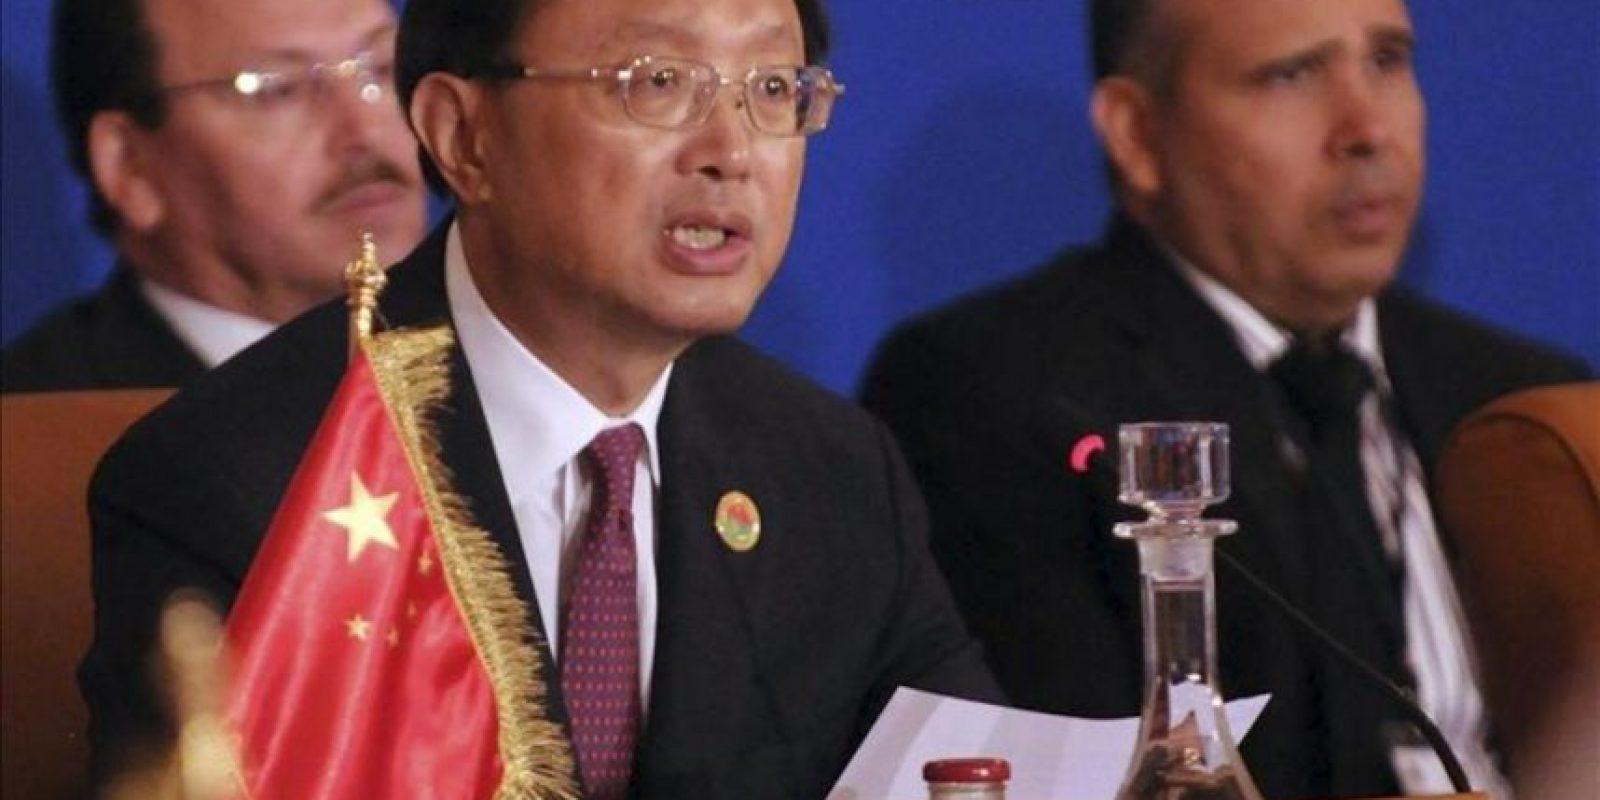 El ministro chino de Exteriores, Yang Jiechi. EFE/Archivo